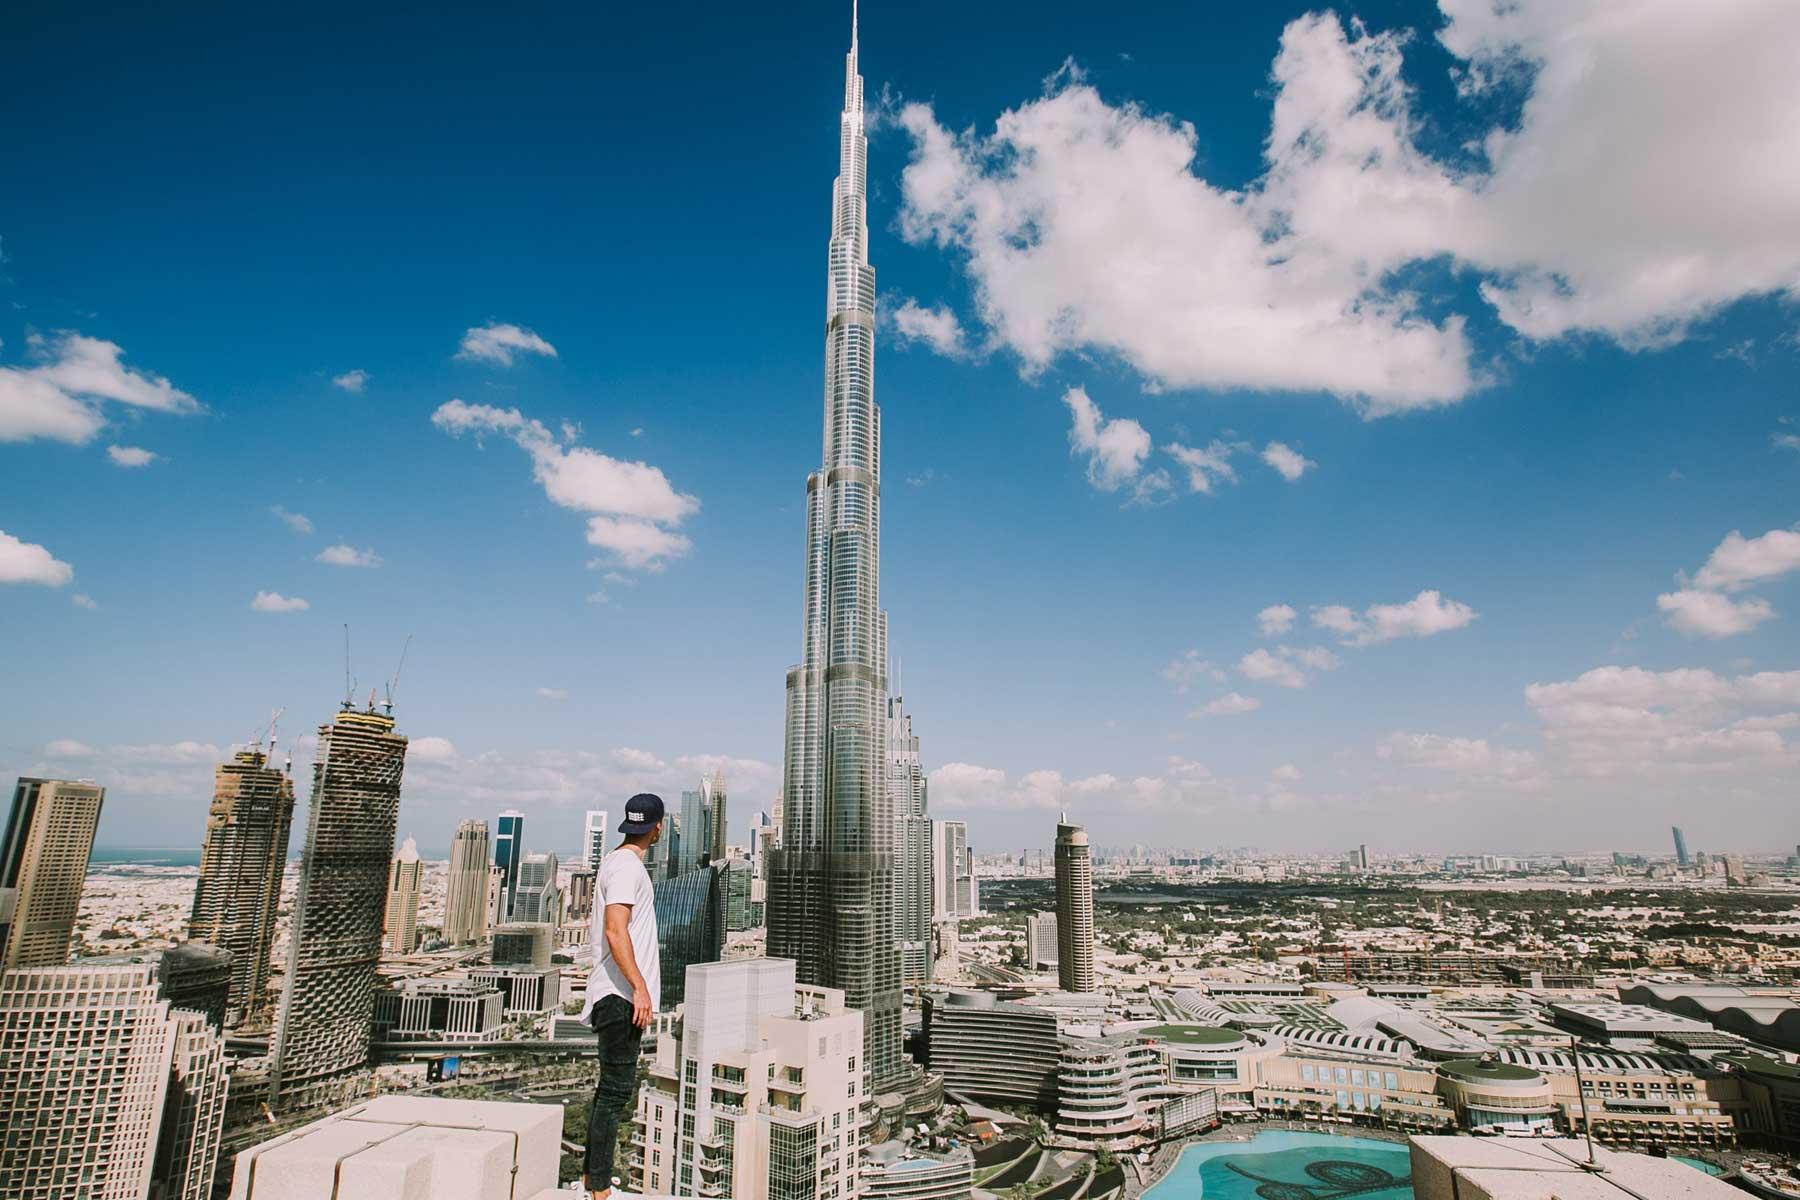 تور دبی نوروز | 6 روزه با پرواز ماهان